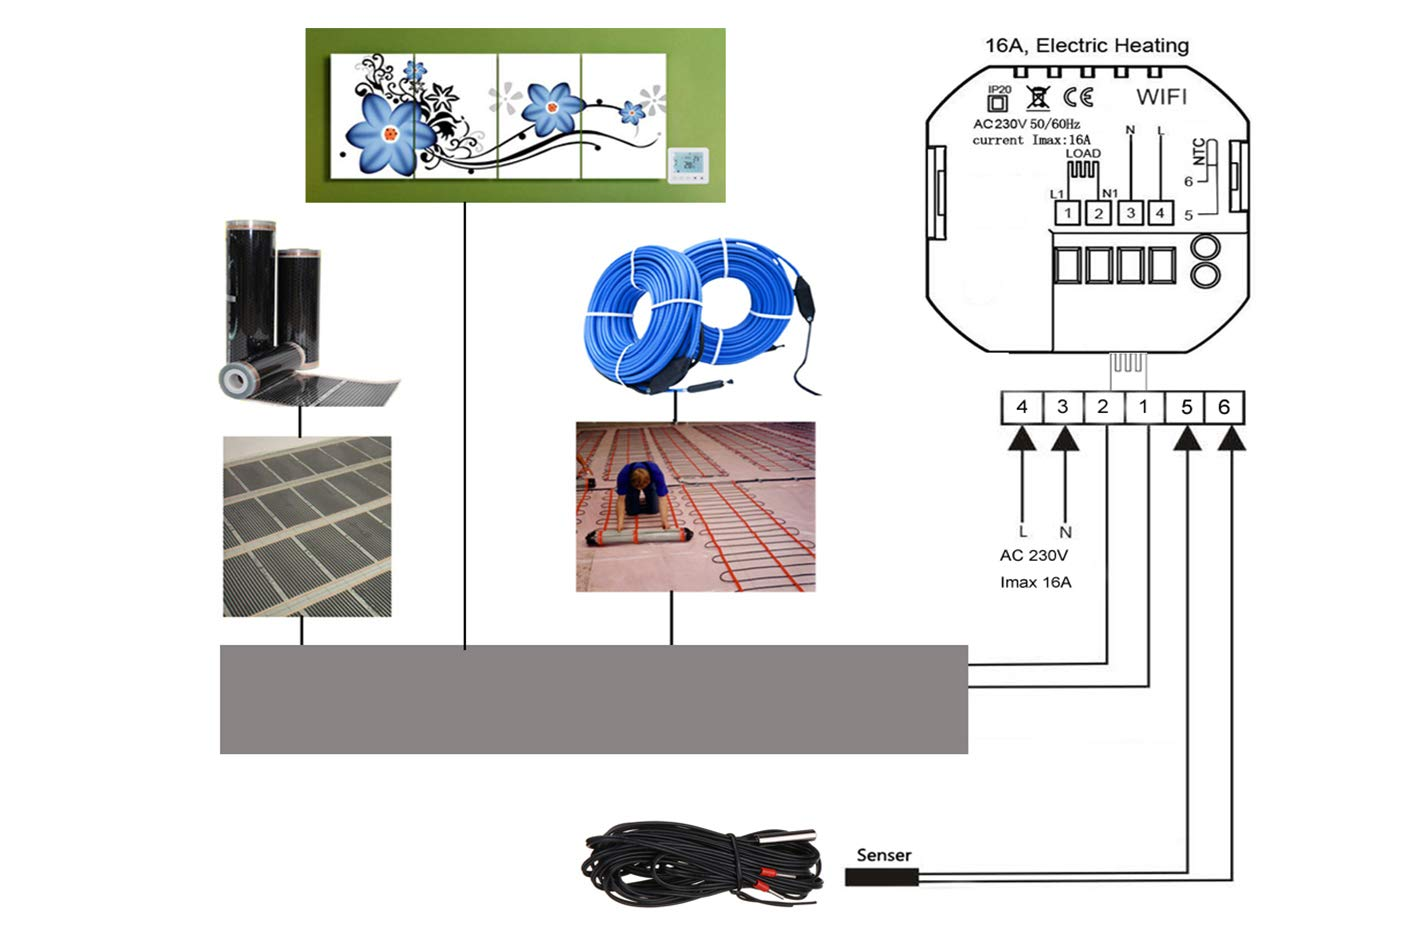 Termostato Digital para Calefacción eléctrica estufa calefactor Wifi Compatible con arias Echo y Google Home pantalla LCD Touch 16 A 220 V: Amazon.es: ...